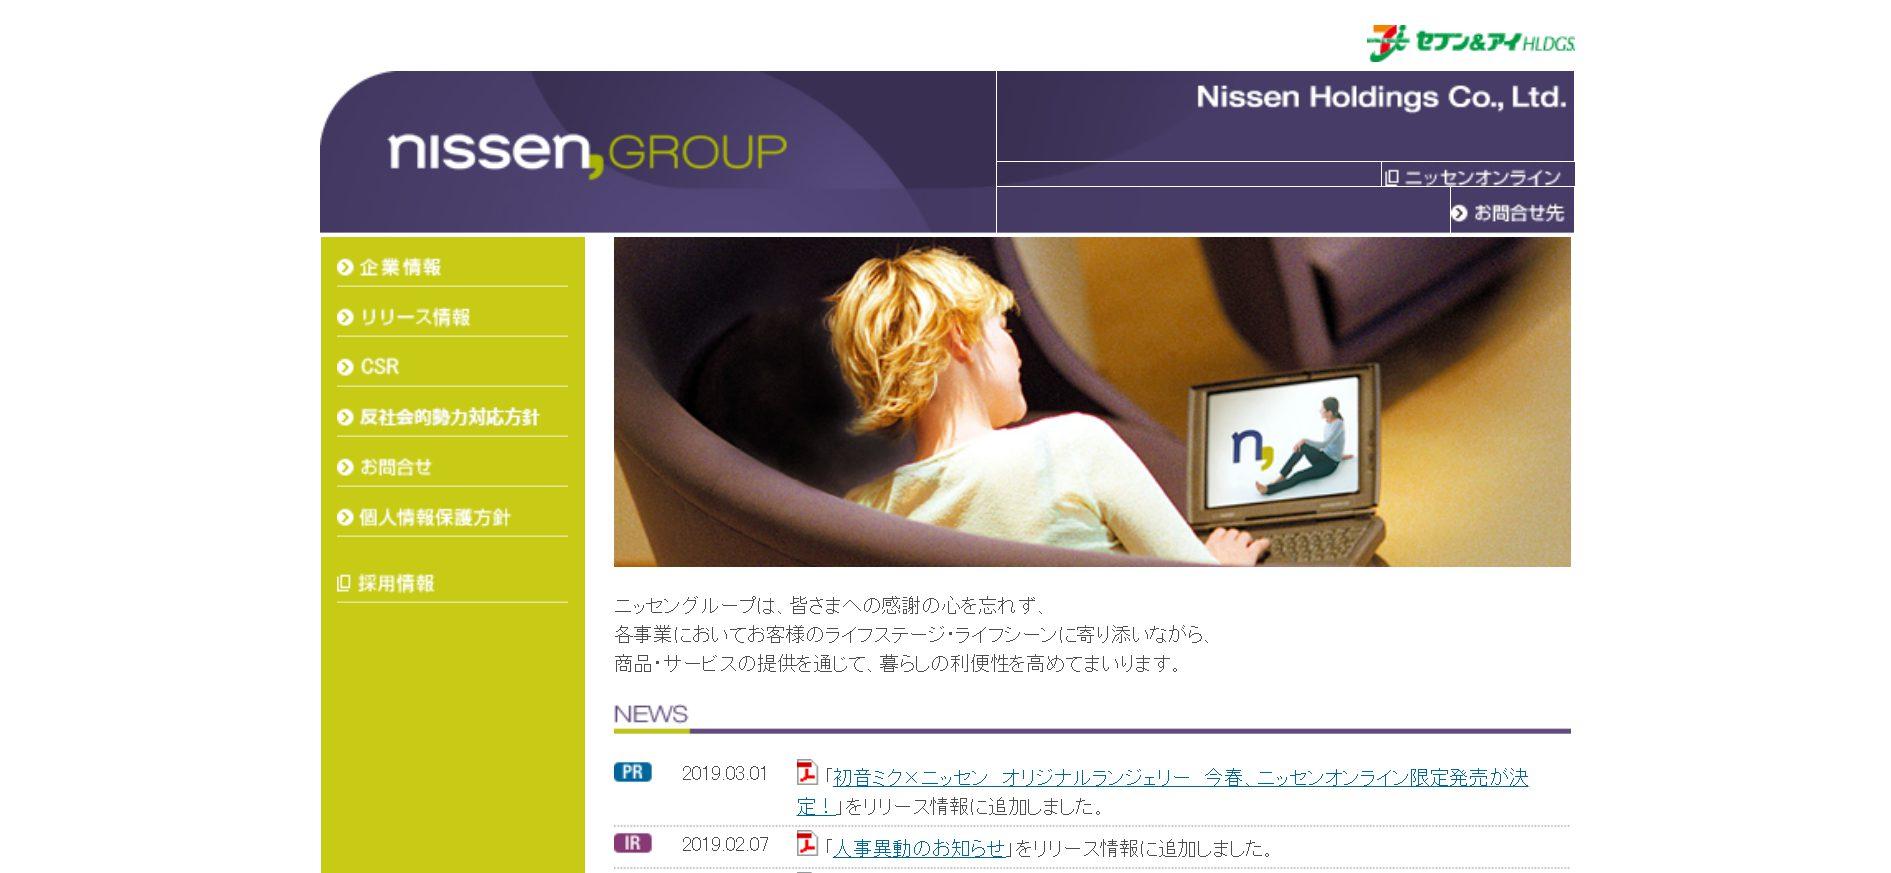 2.株式会社ニッセンによる株式会社マロンスタイルの子会社化